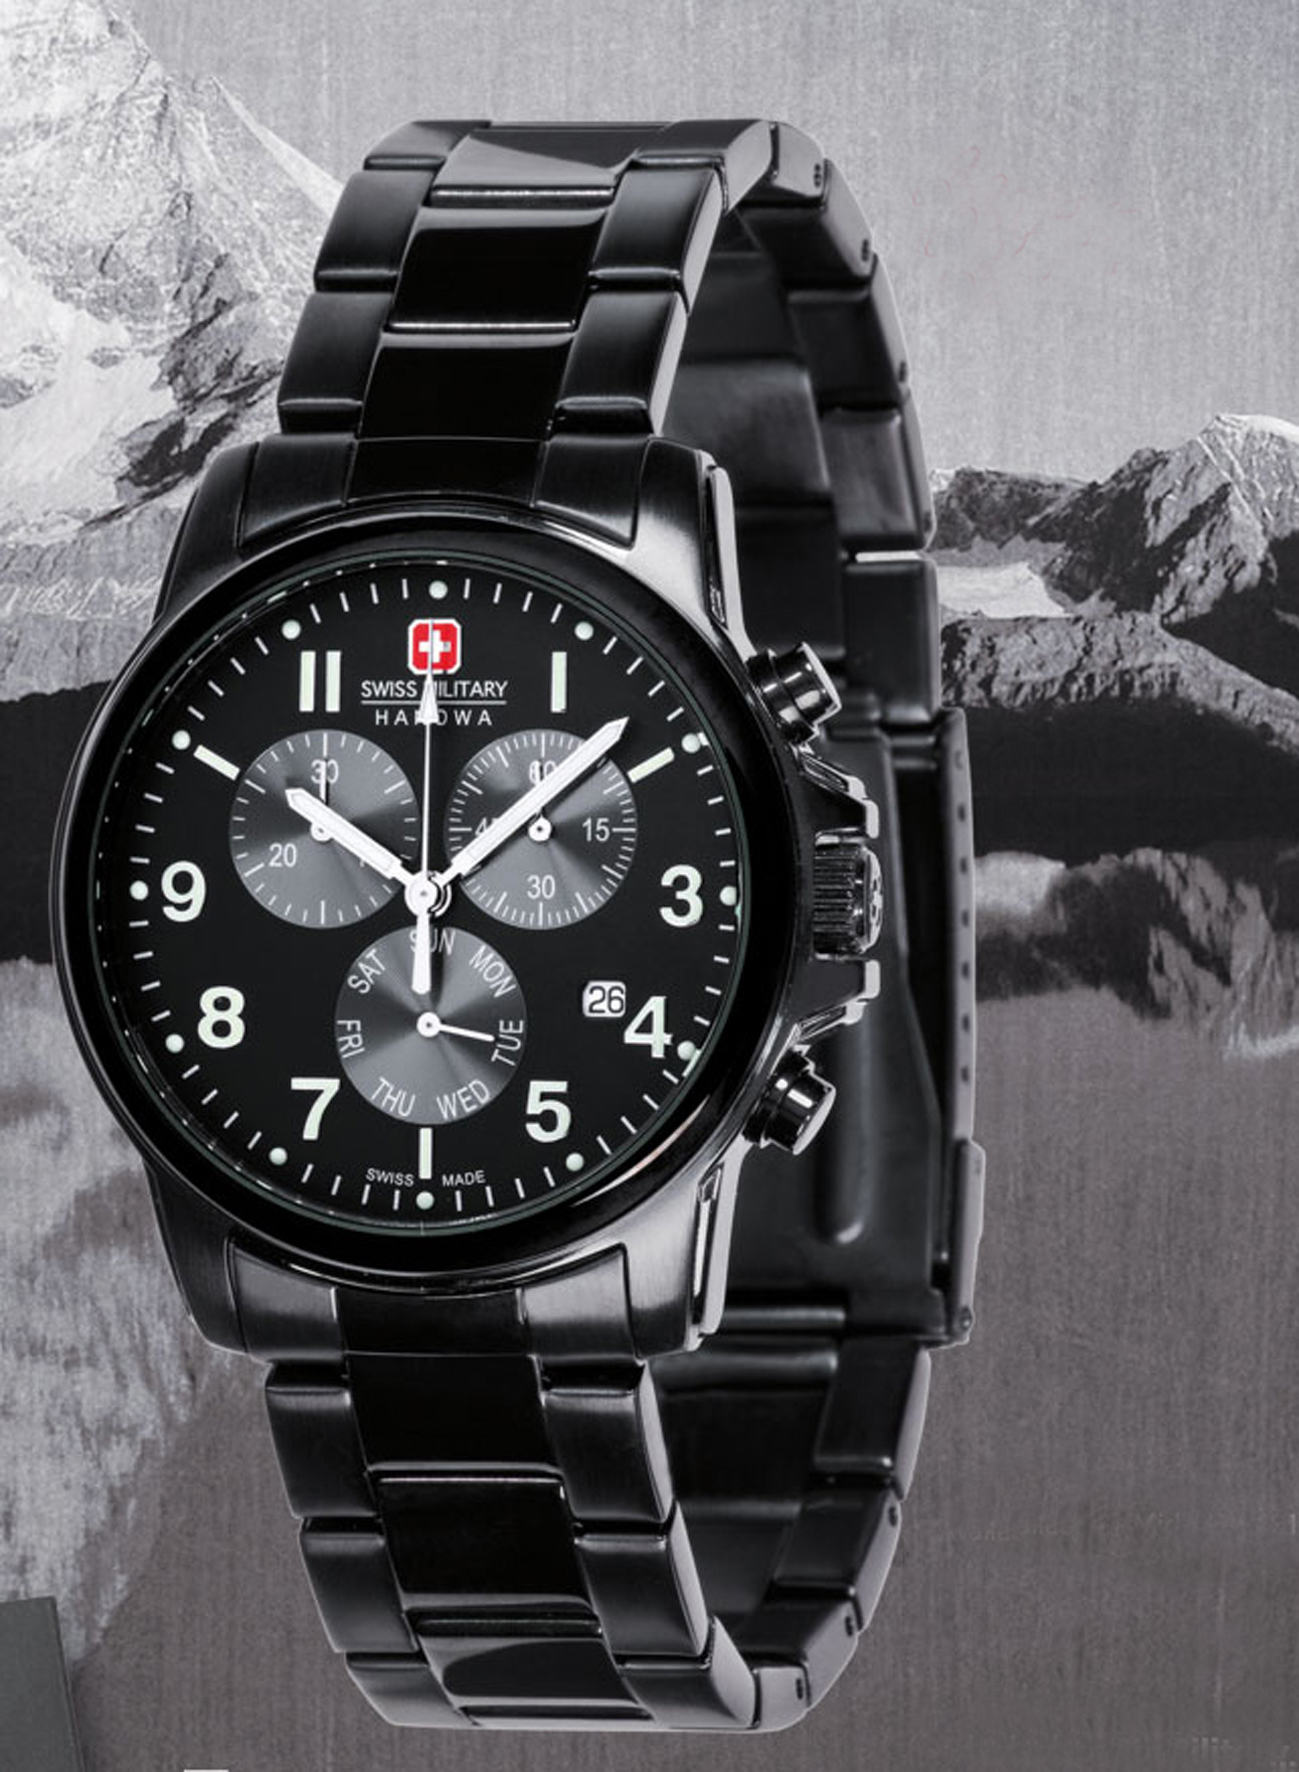 红十字的手表_瑞士军表hanowa recruit_百度知道